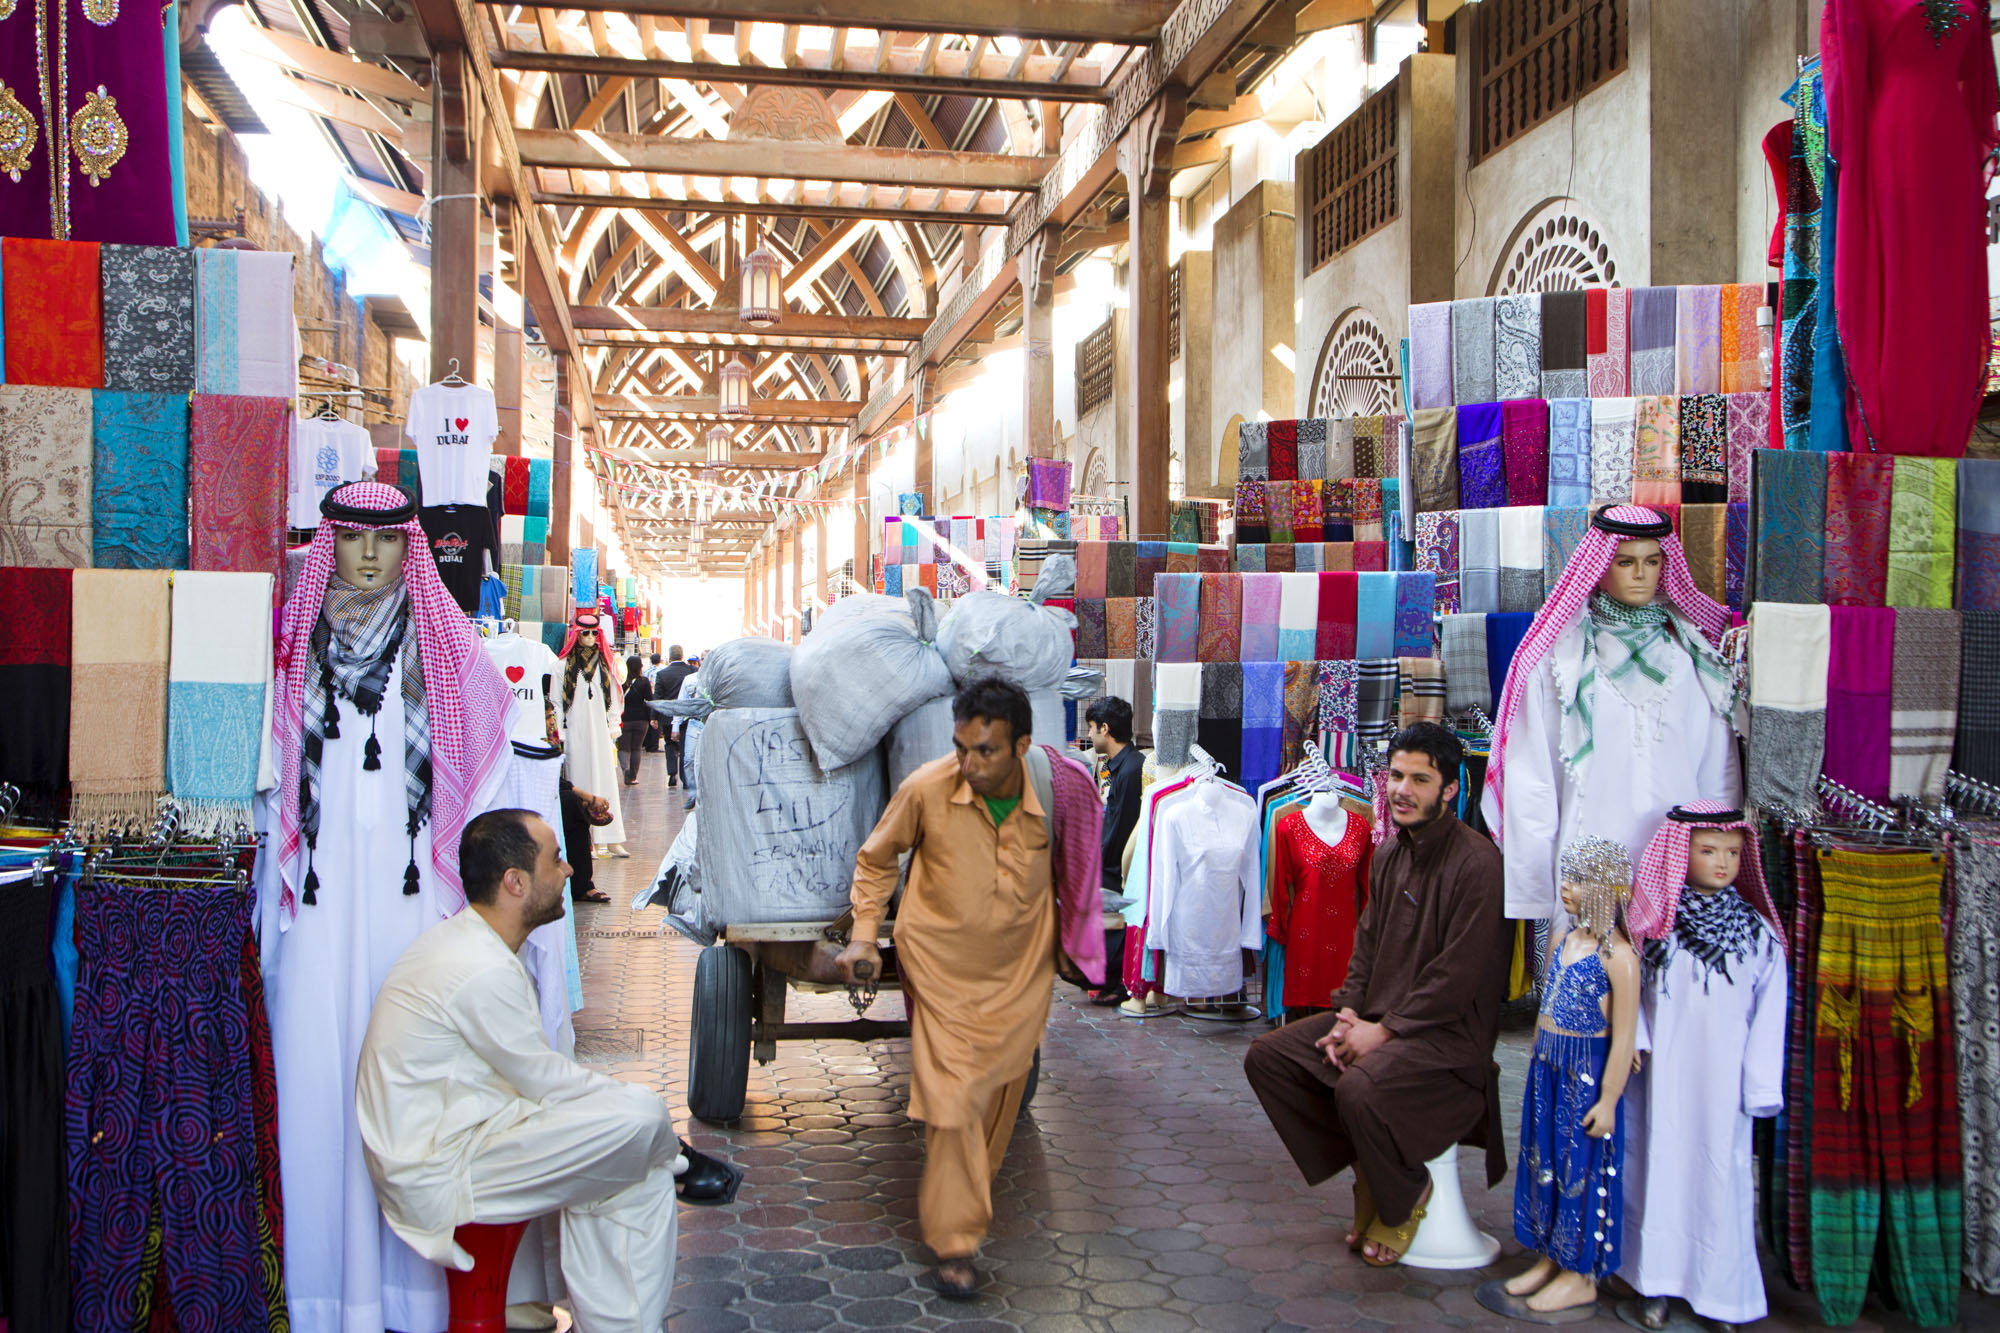 VAE, Vereinigte arabische Emirate, Dubai, Souk, Markt, Geschäfte, einkaufen, Geschäfte, shopping, arabische Kleidung, Kaftan, Schuhe, arabisches Design  Engl.: UAE, United Arab Emirates, Dubai, Souk, market, shops, shopping, shops, shopping, arabic clothes, arabic design